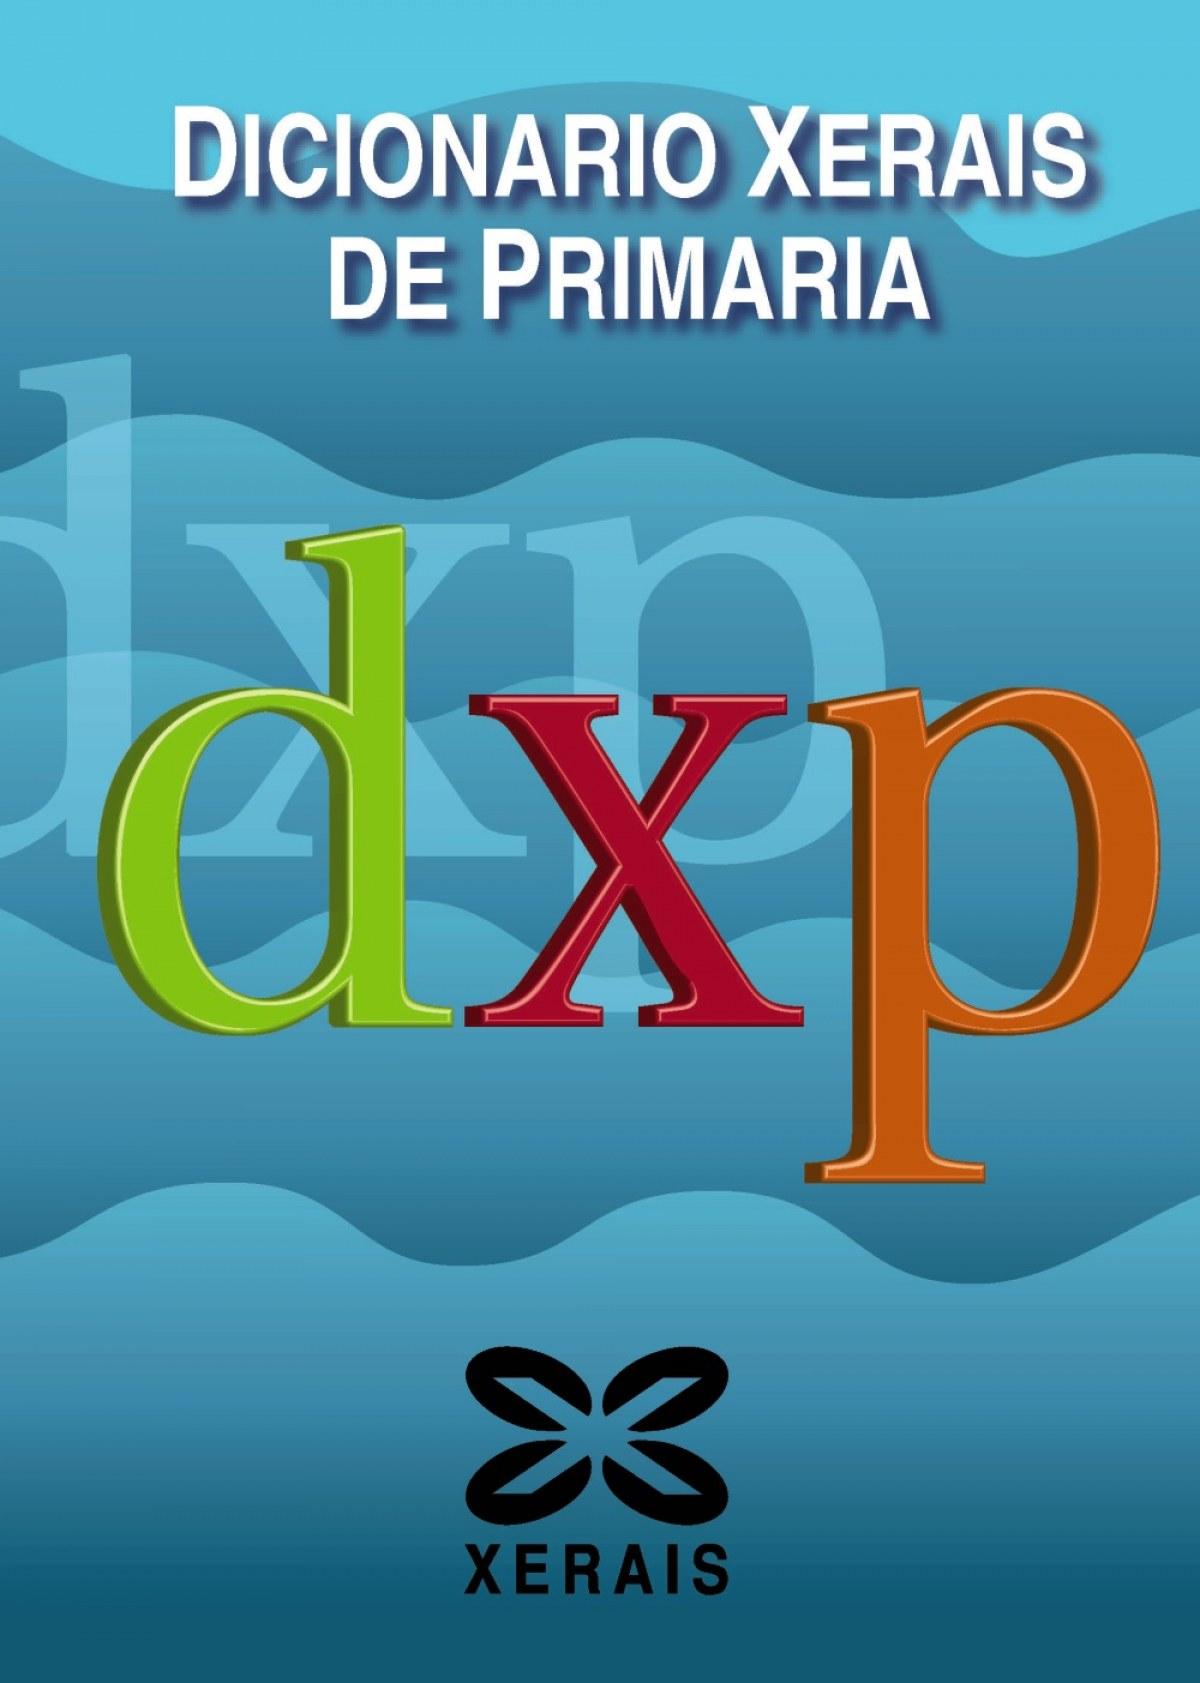 Dicionario Xerais de Primaria 9788499140445